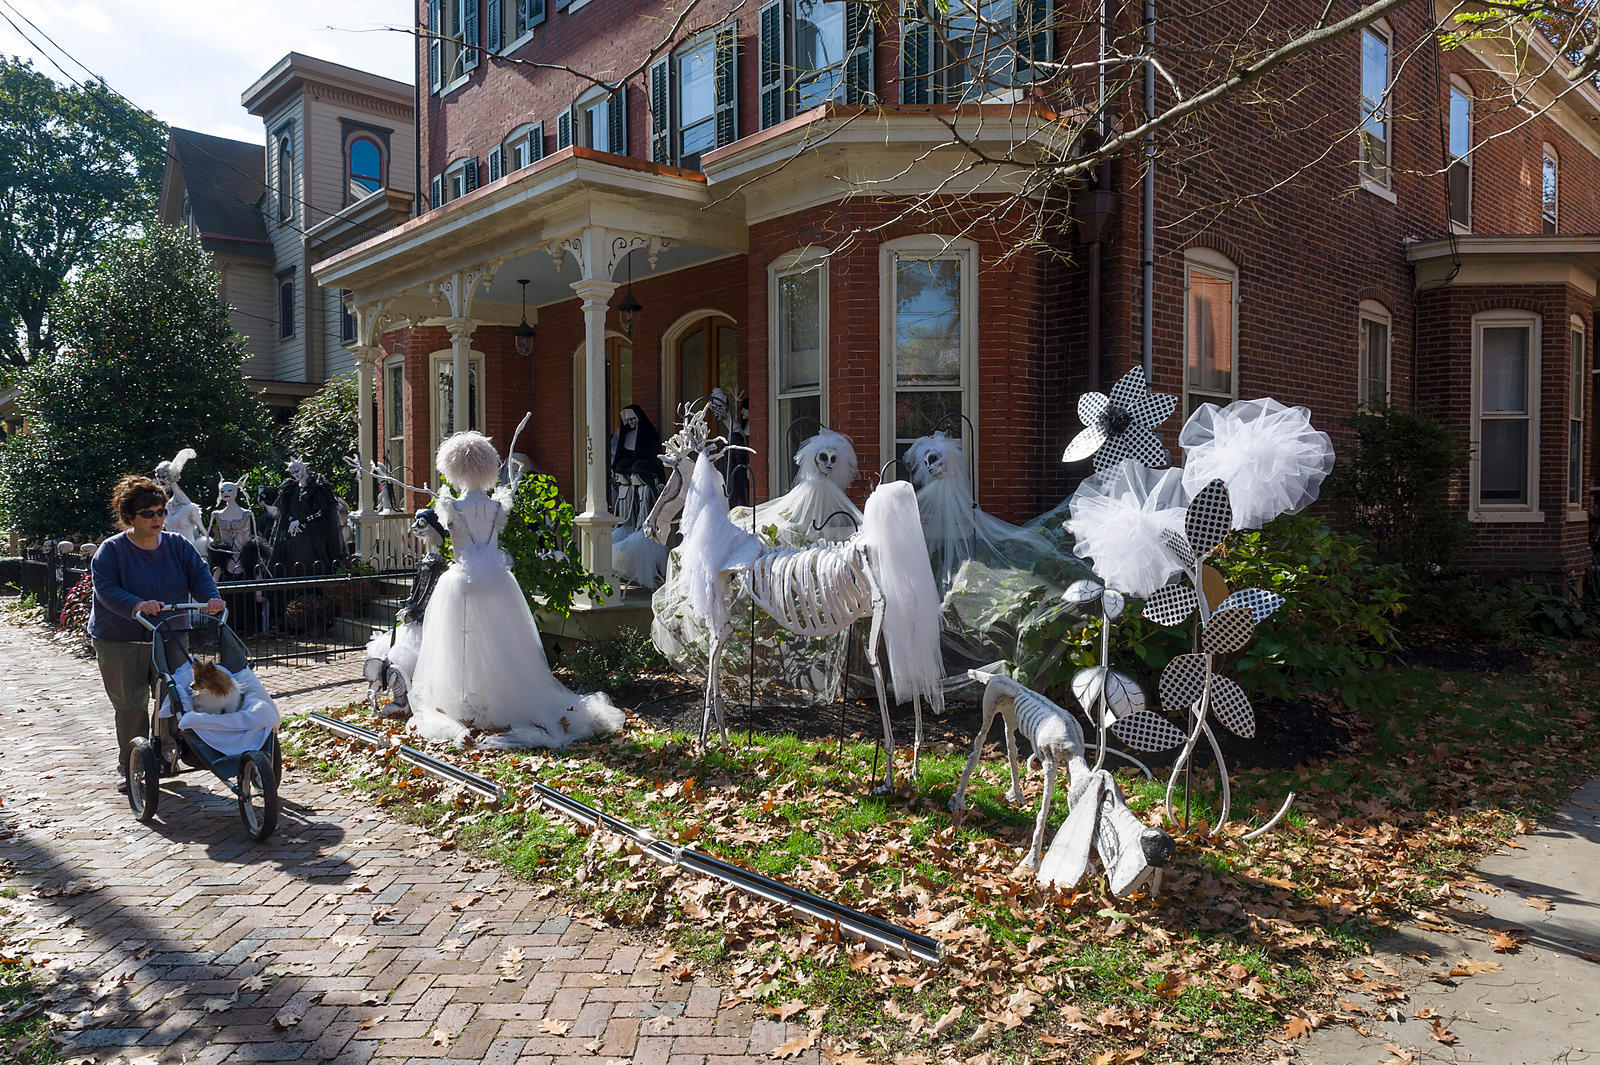 Halloween In Lambertville (Image 5 Of 10)